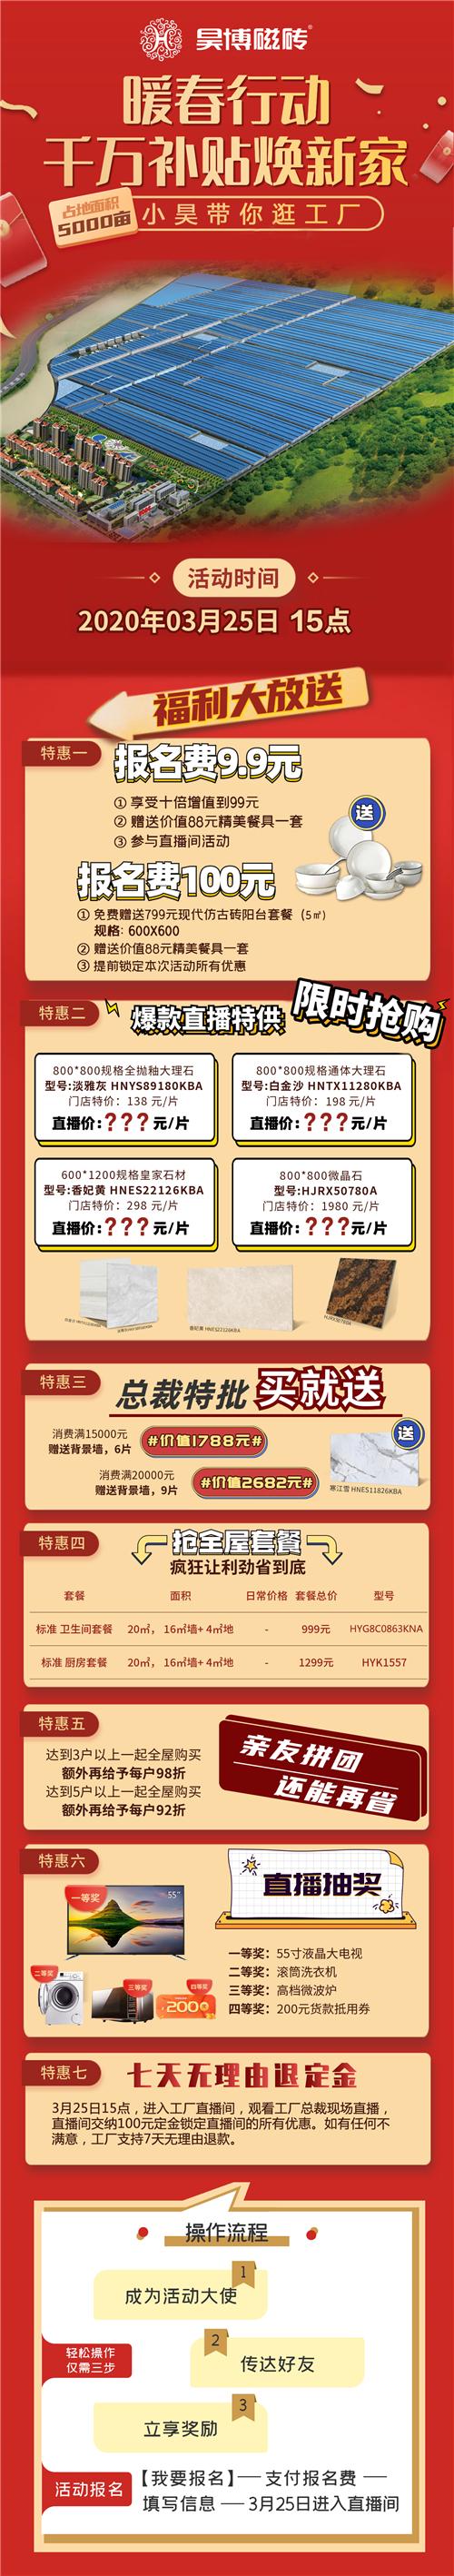 昊博瓷砖3月25日千万补贴焕新家,全国大型直播火力全开 !